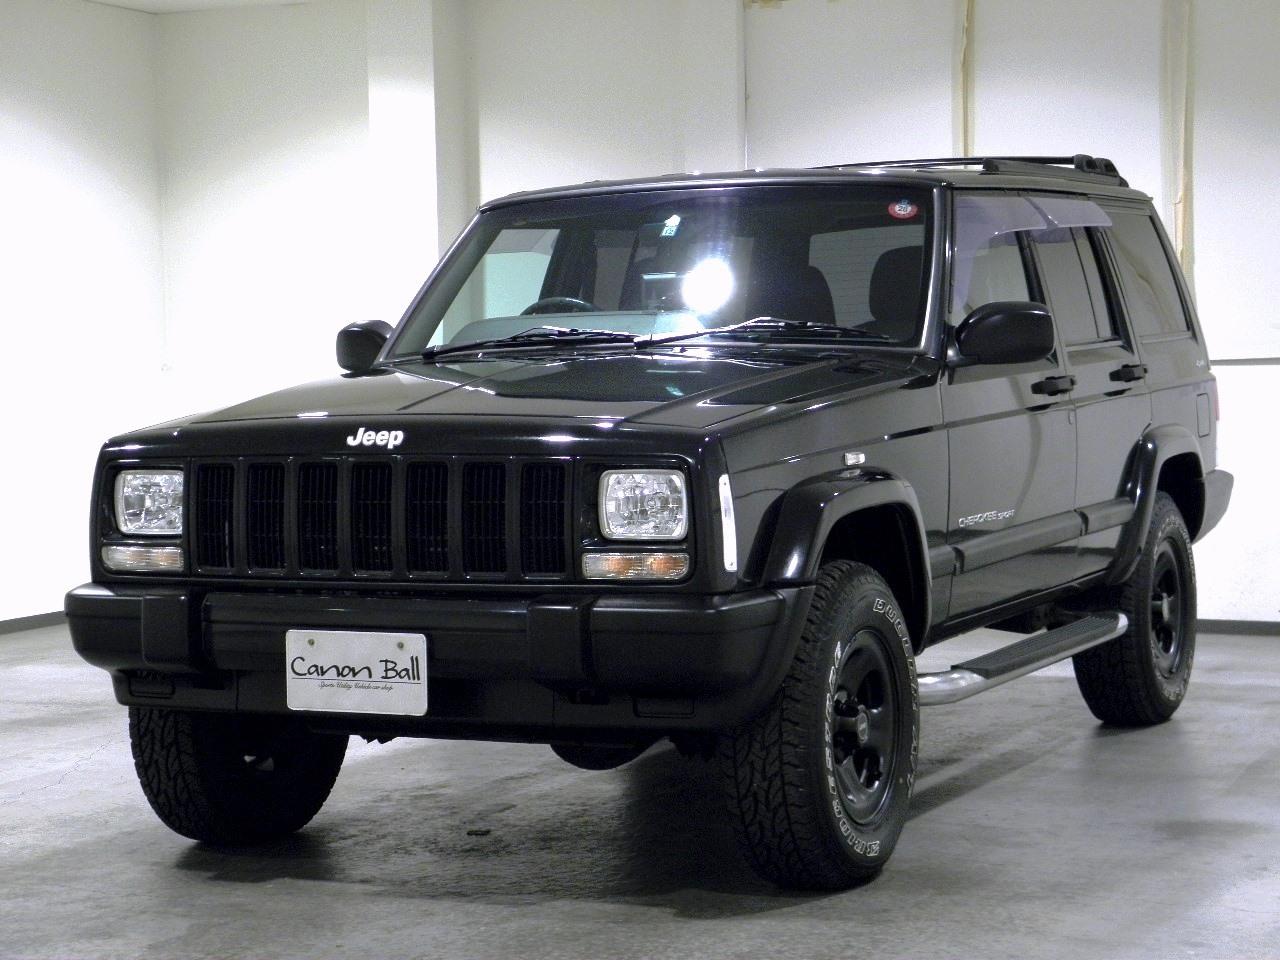 スポーツ XJ型Jeep最終モデル 社外ナビ キーレスエントリー